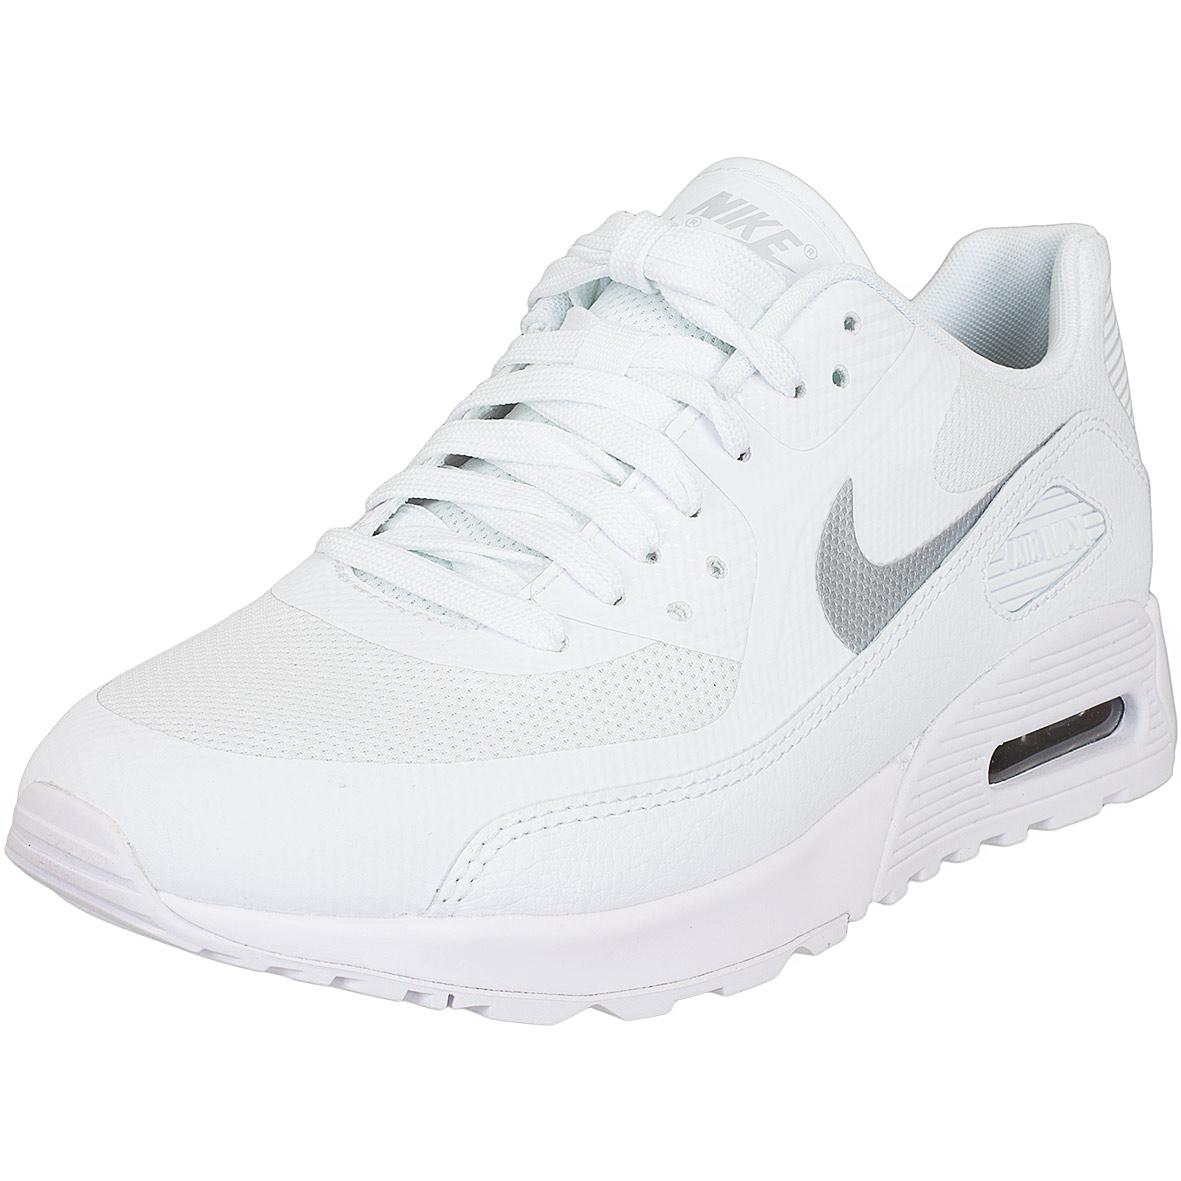 35b4e0894c ☆ Nike Damen Sneaker Air Max 90 Ultra 2.0 weiß/platin - hier bestellen!